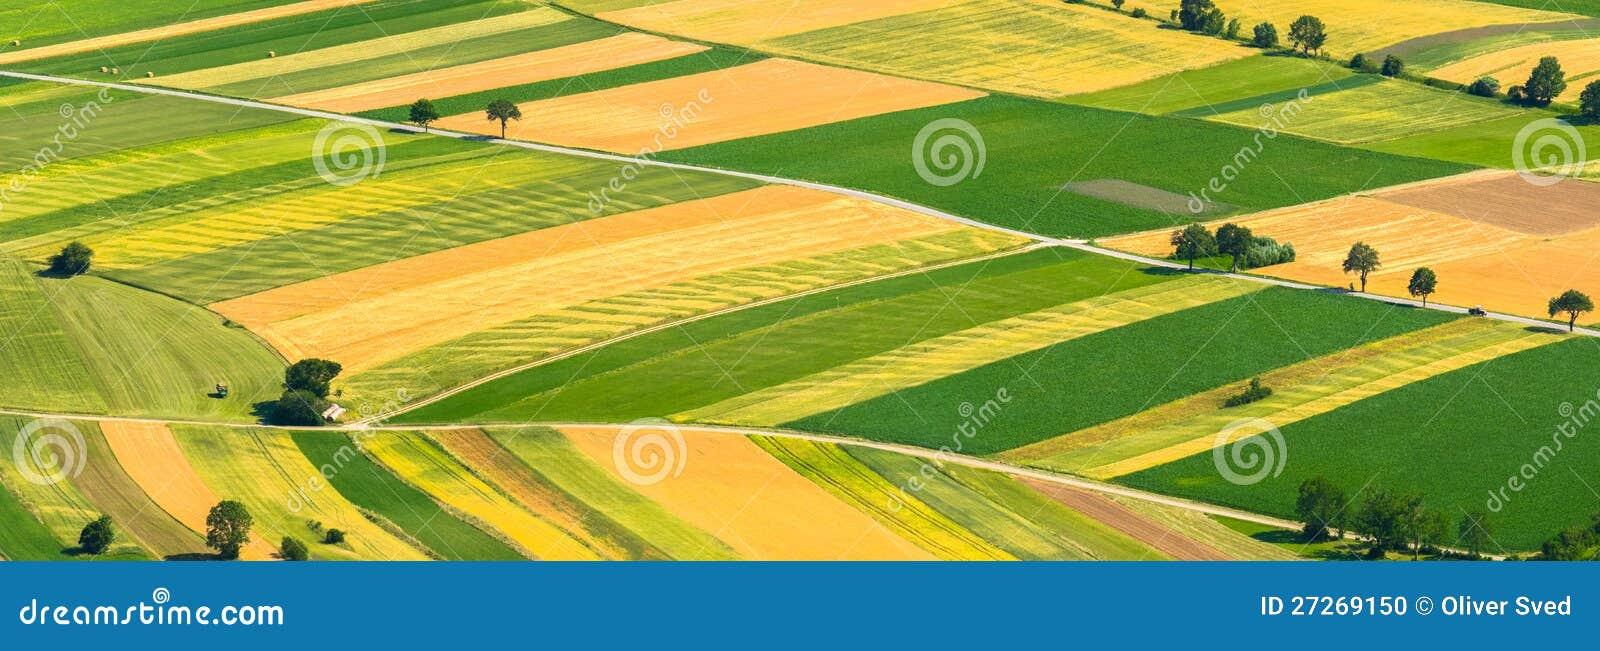 Le vert met en place la vue aérienne